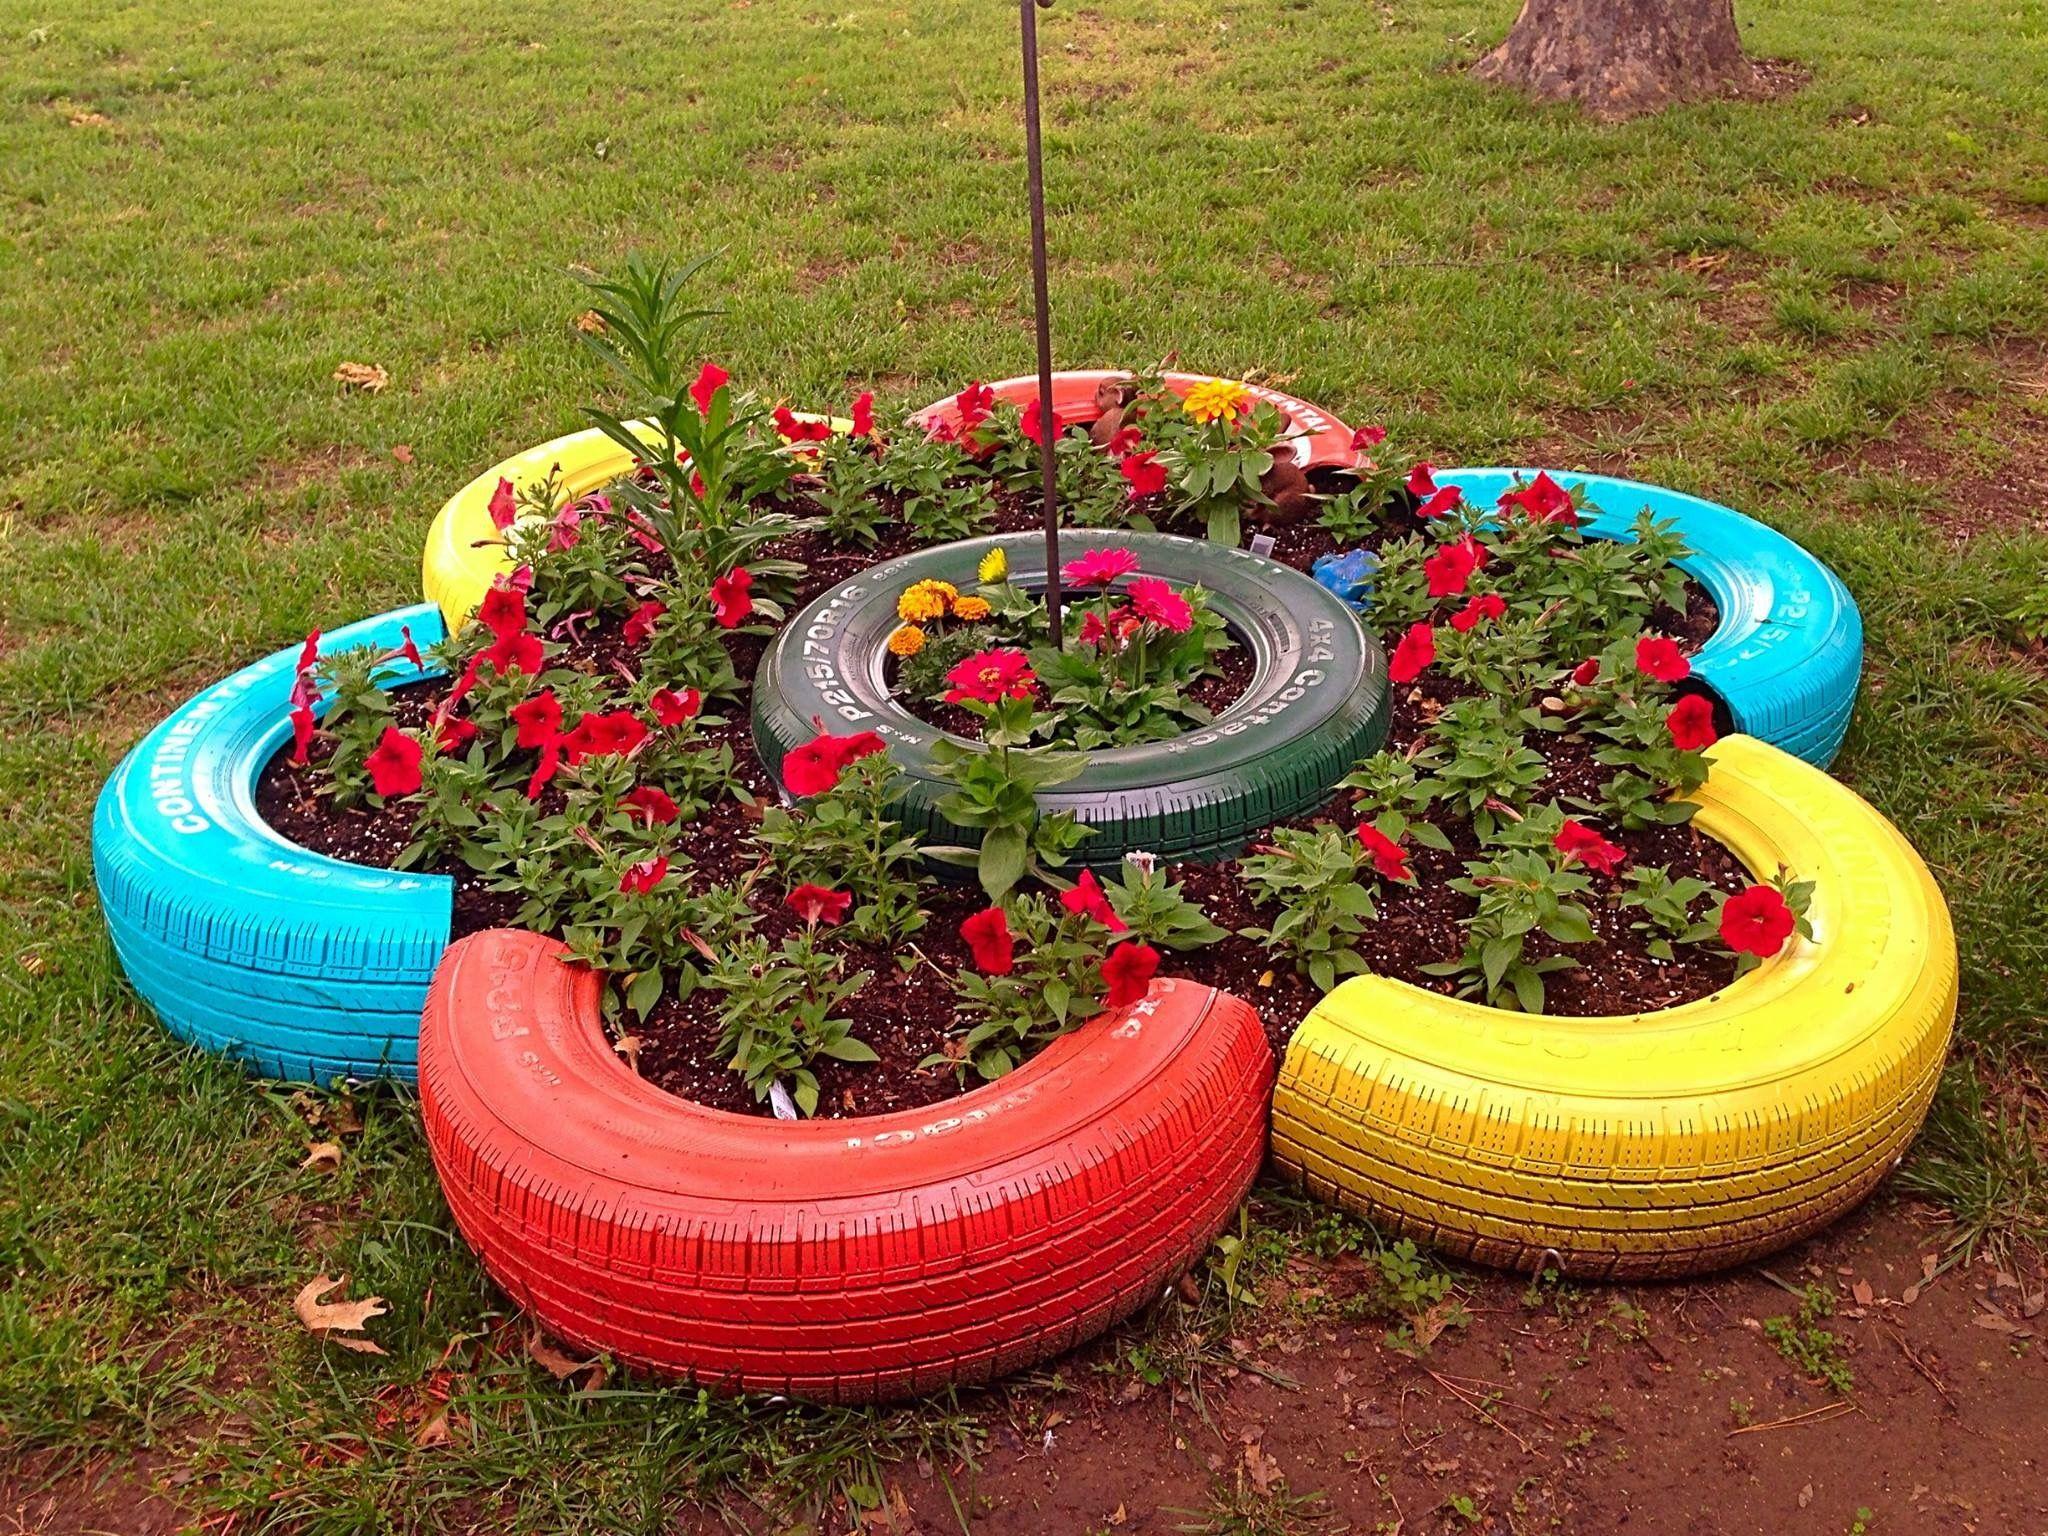 Pin De Ana Carolina Em My Garden Ideias De Jardinagem Jardinagem E Decoracao Jardins Rusticos